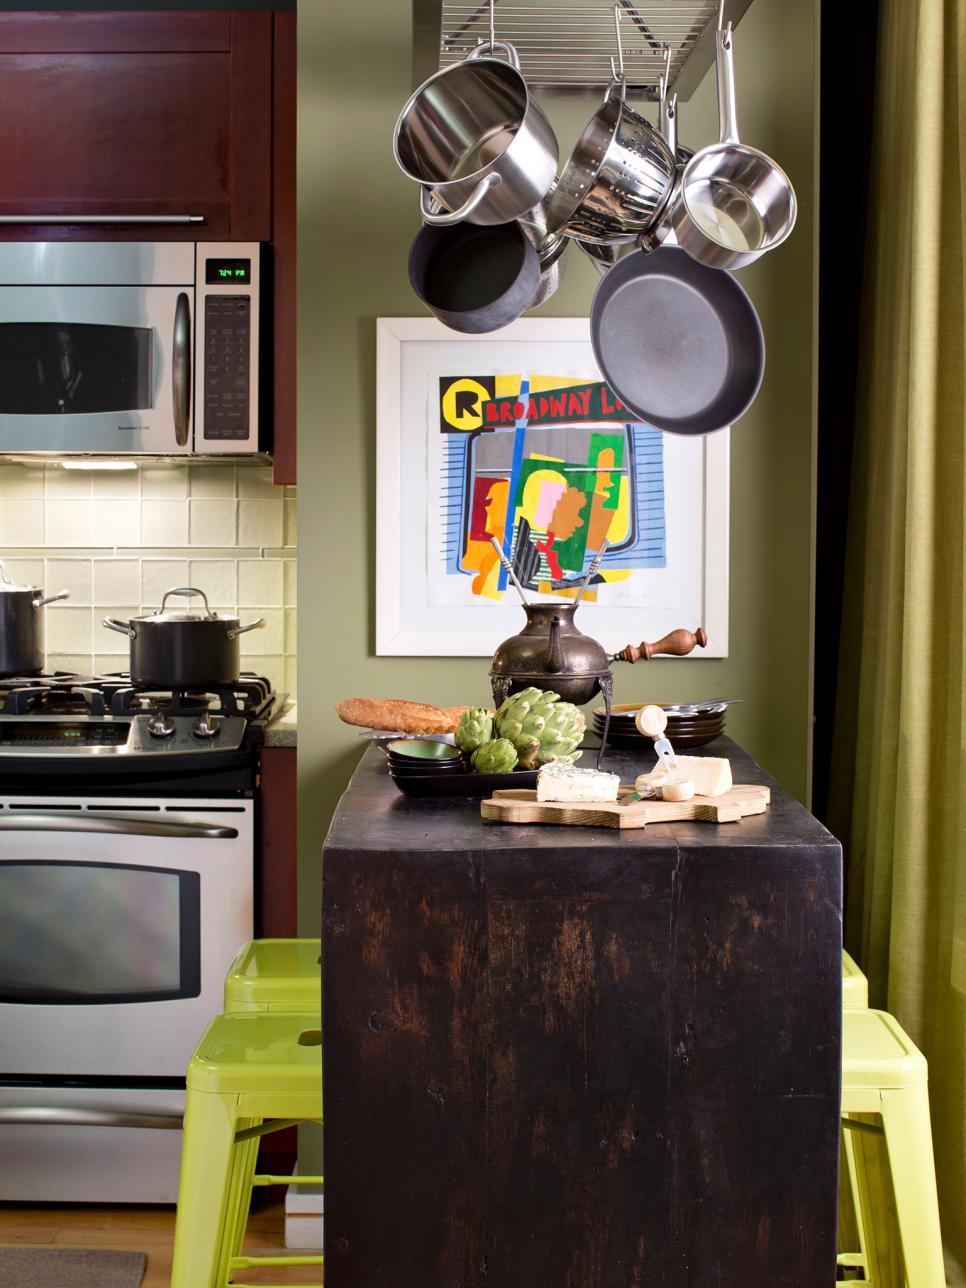 Mi rinc n de sue os aprovechar espacio en la cocina - Aprovechar espacio cocina ...